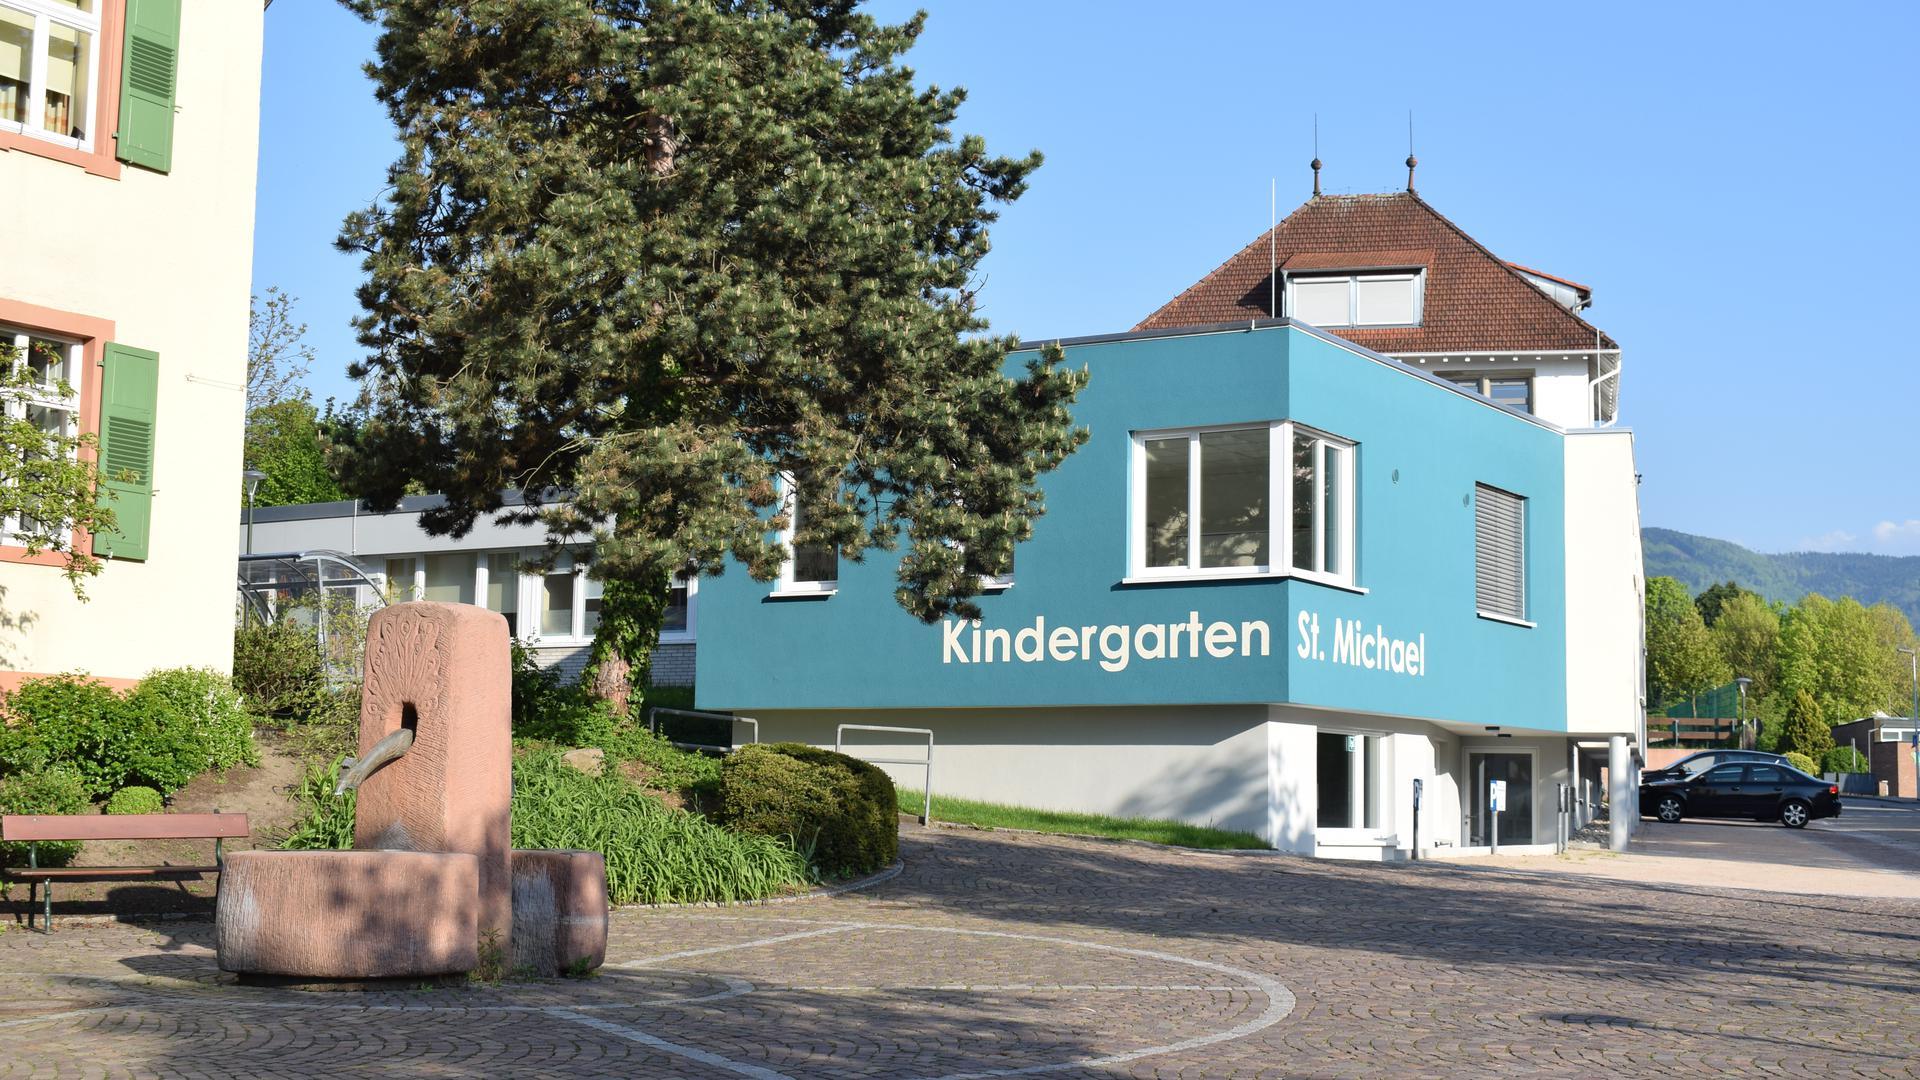 Blick auf den blau angestrichenen Anbau des Kindergartens St. Michael neben dem Rathaus in Ottersweier.